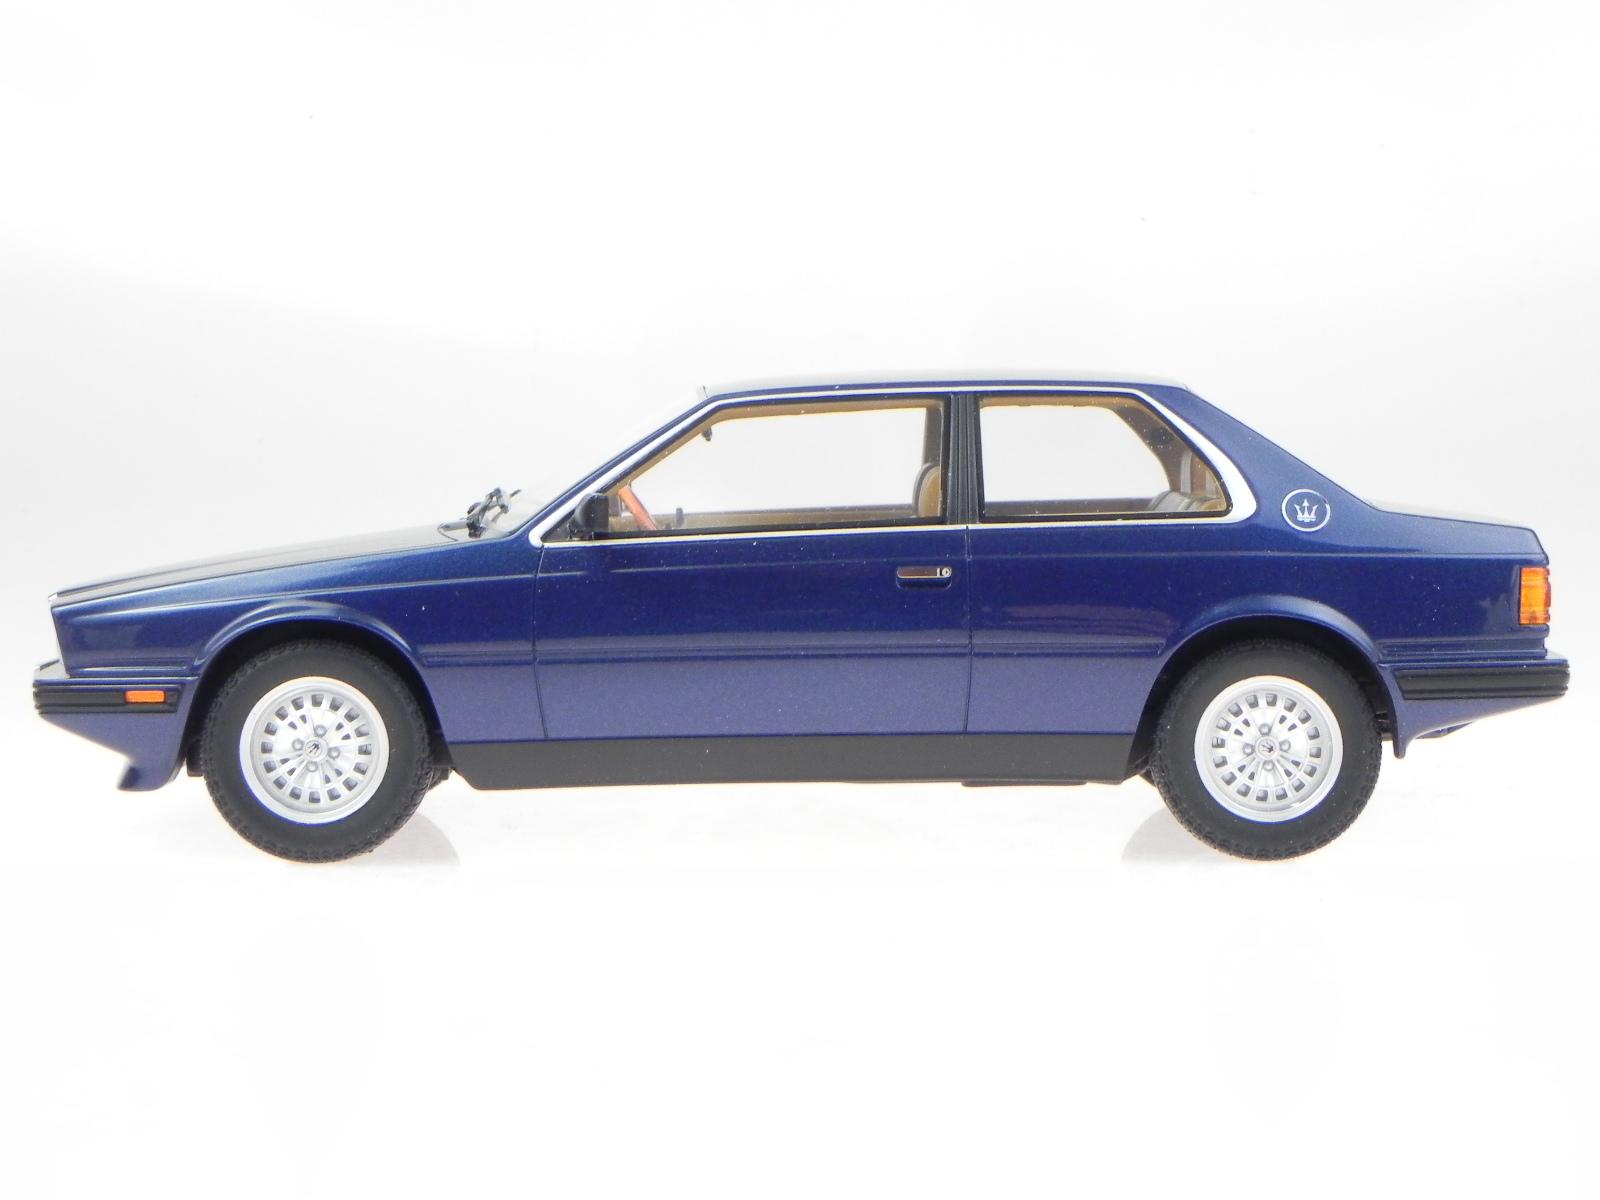 Maserati-Biturbo-cupe-1983-azul-coche-en-miniatura-107123500-Minichamps-1-18